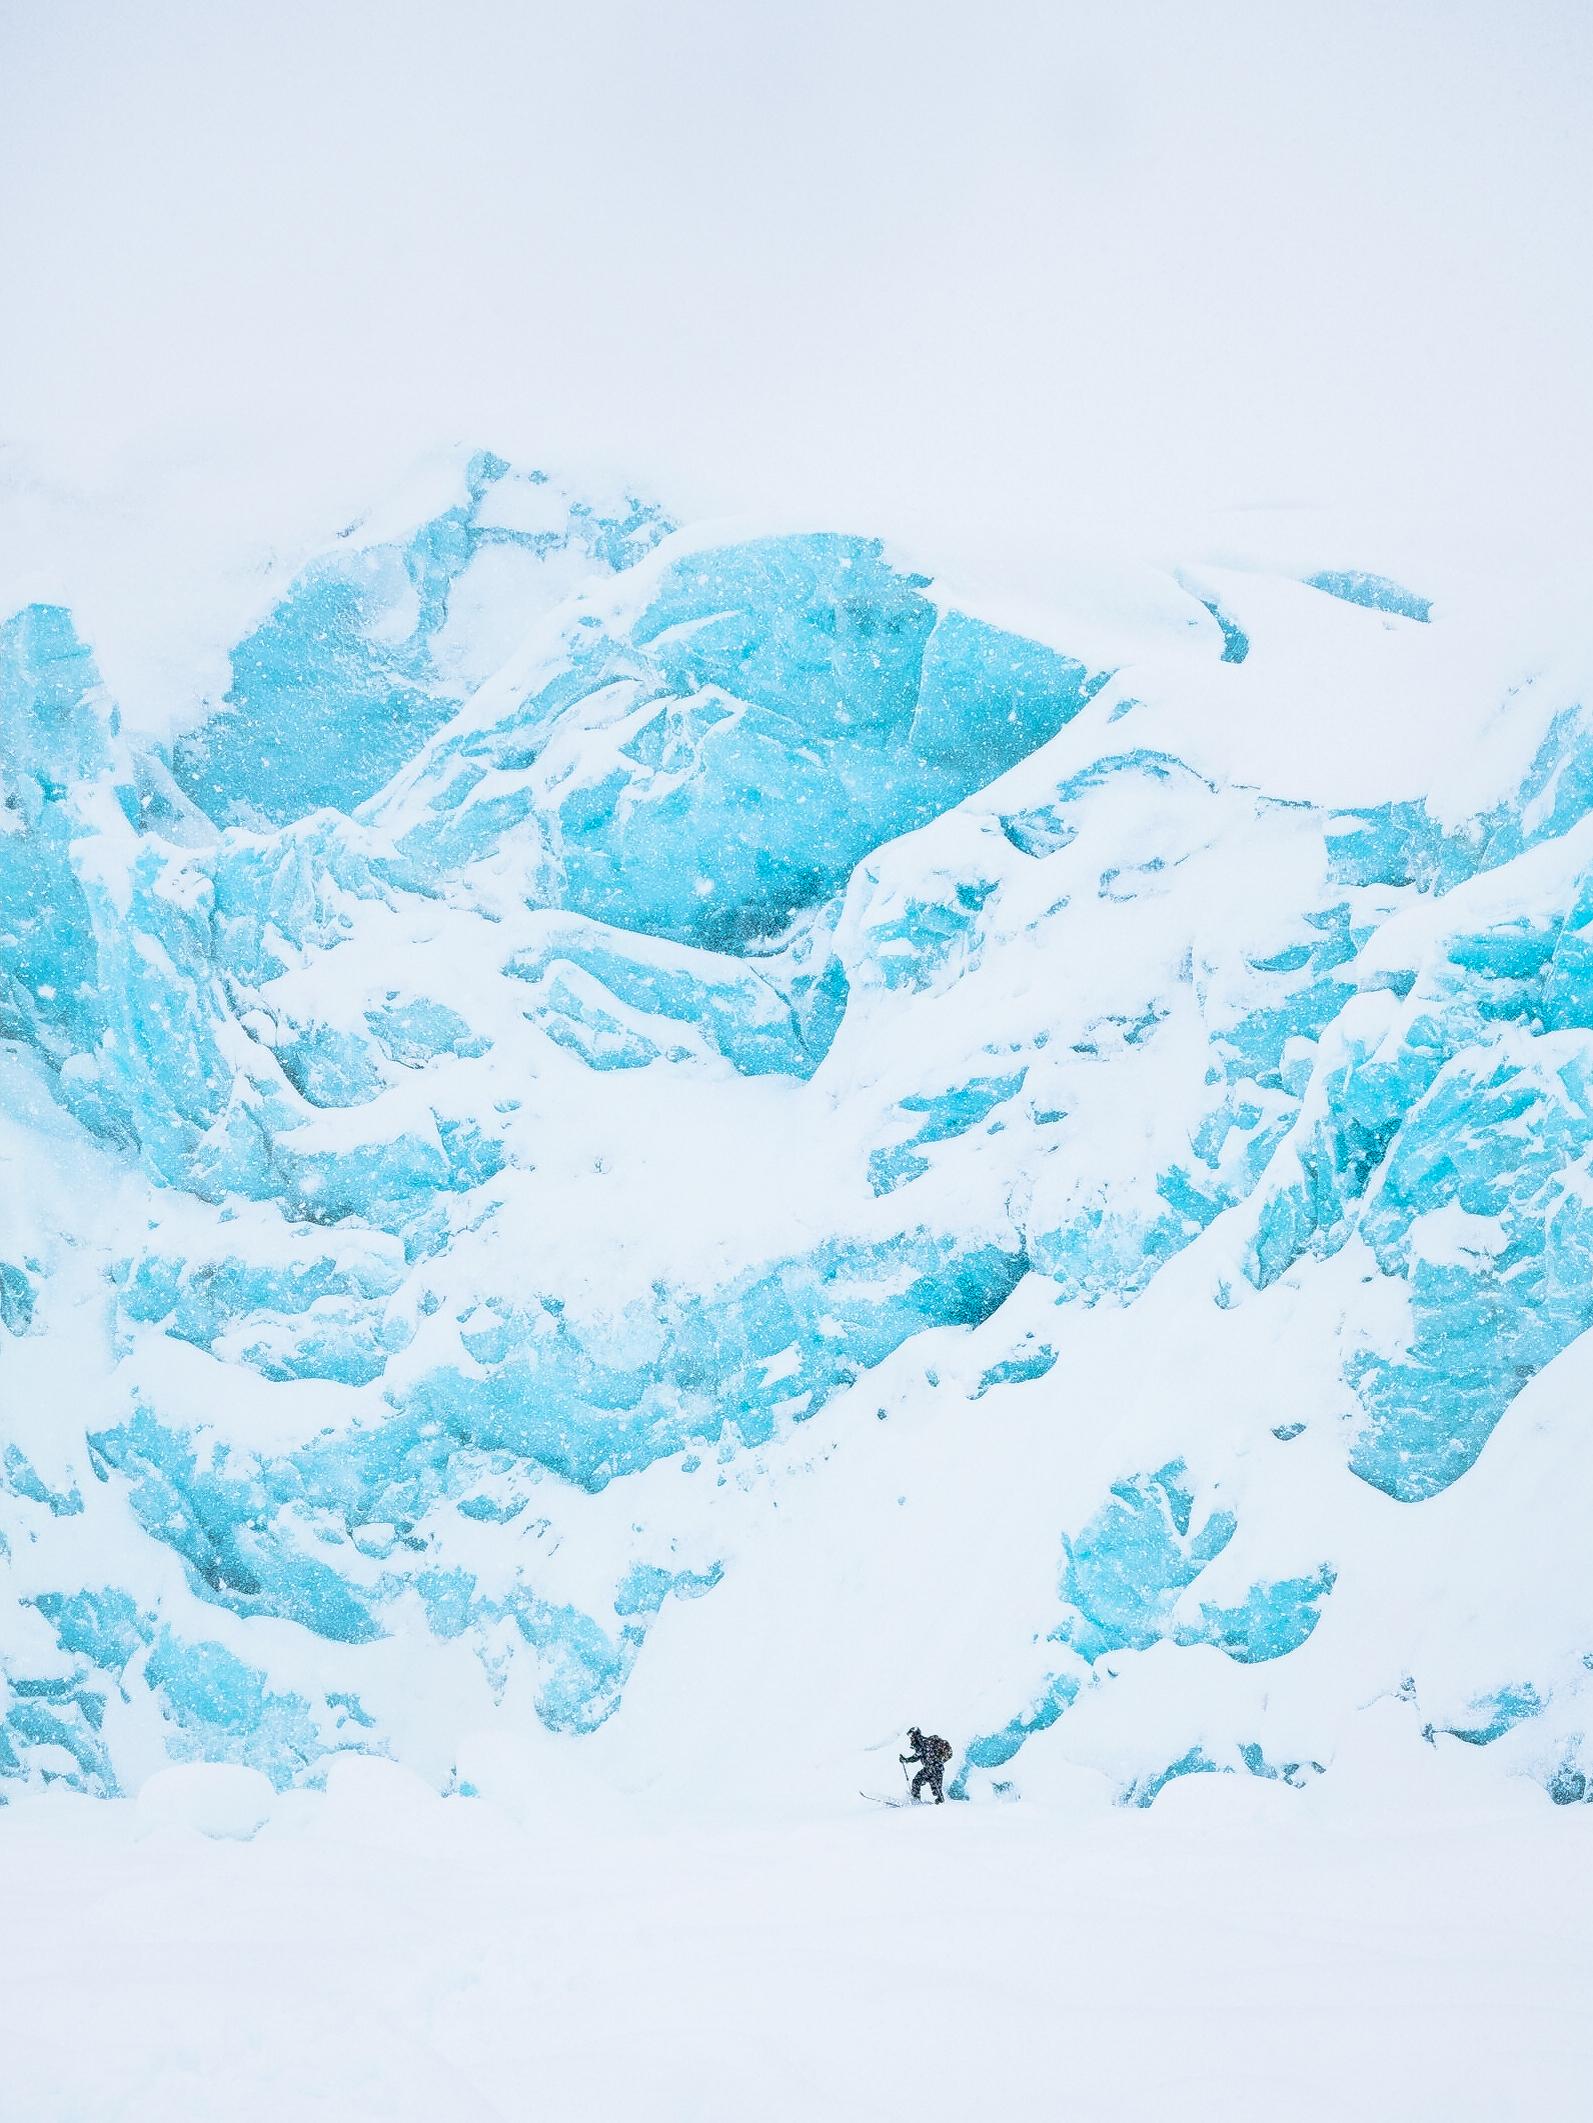 portage glacier-4455.jpg